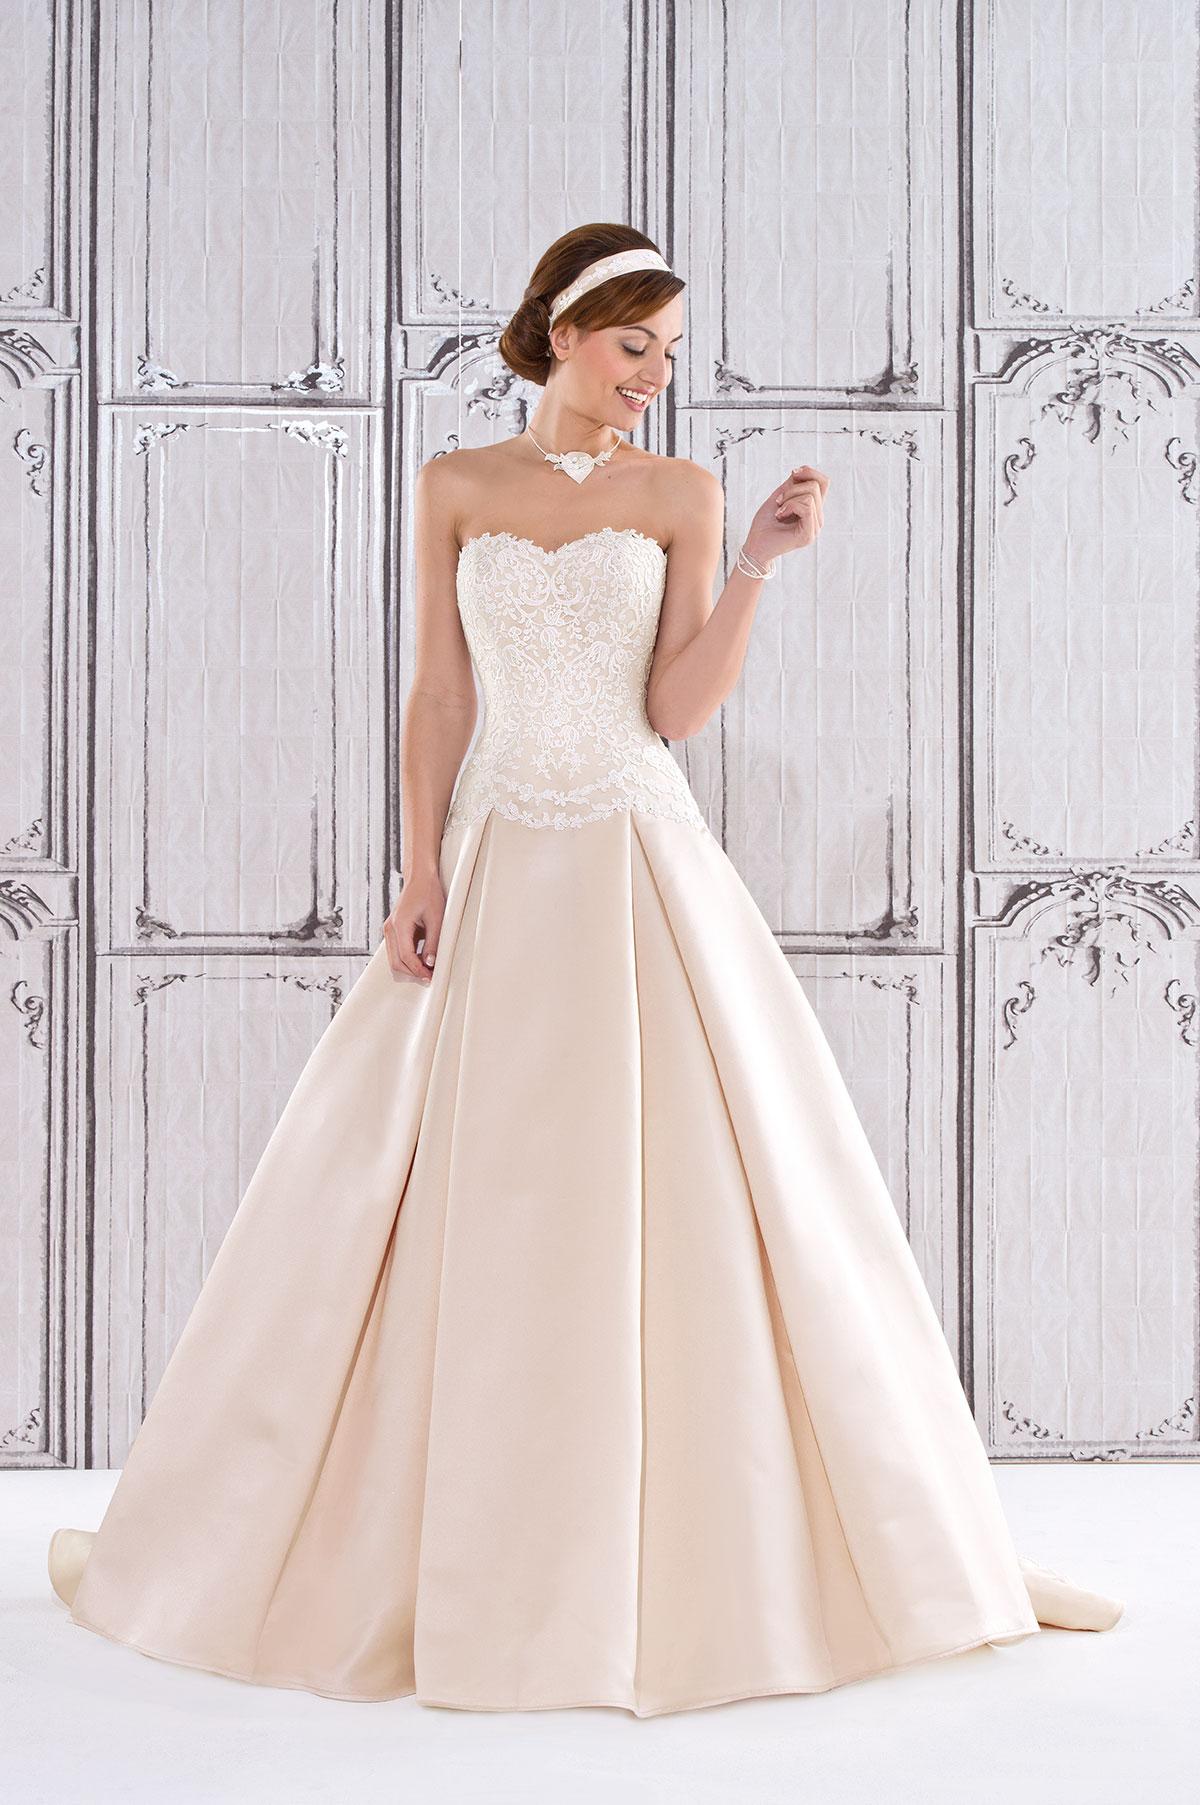 Großzügig Mieten Brautkleid London Bilder - Hochzeit Kleid Stile ...